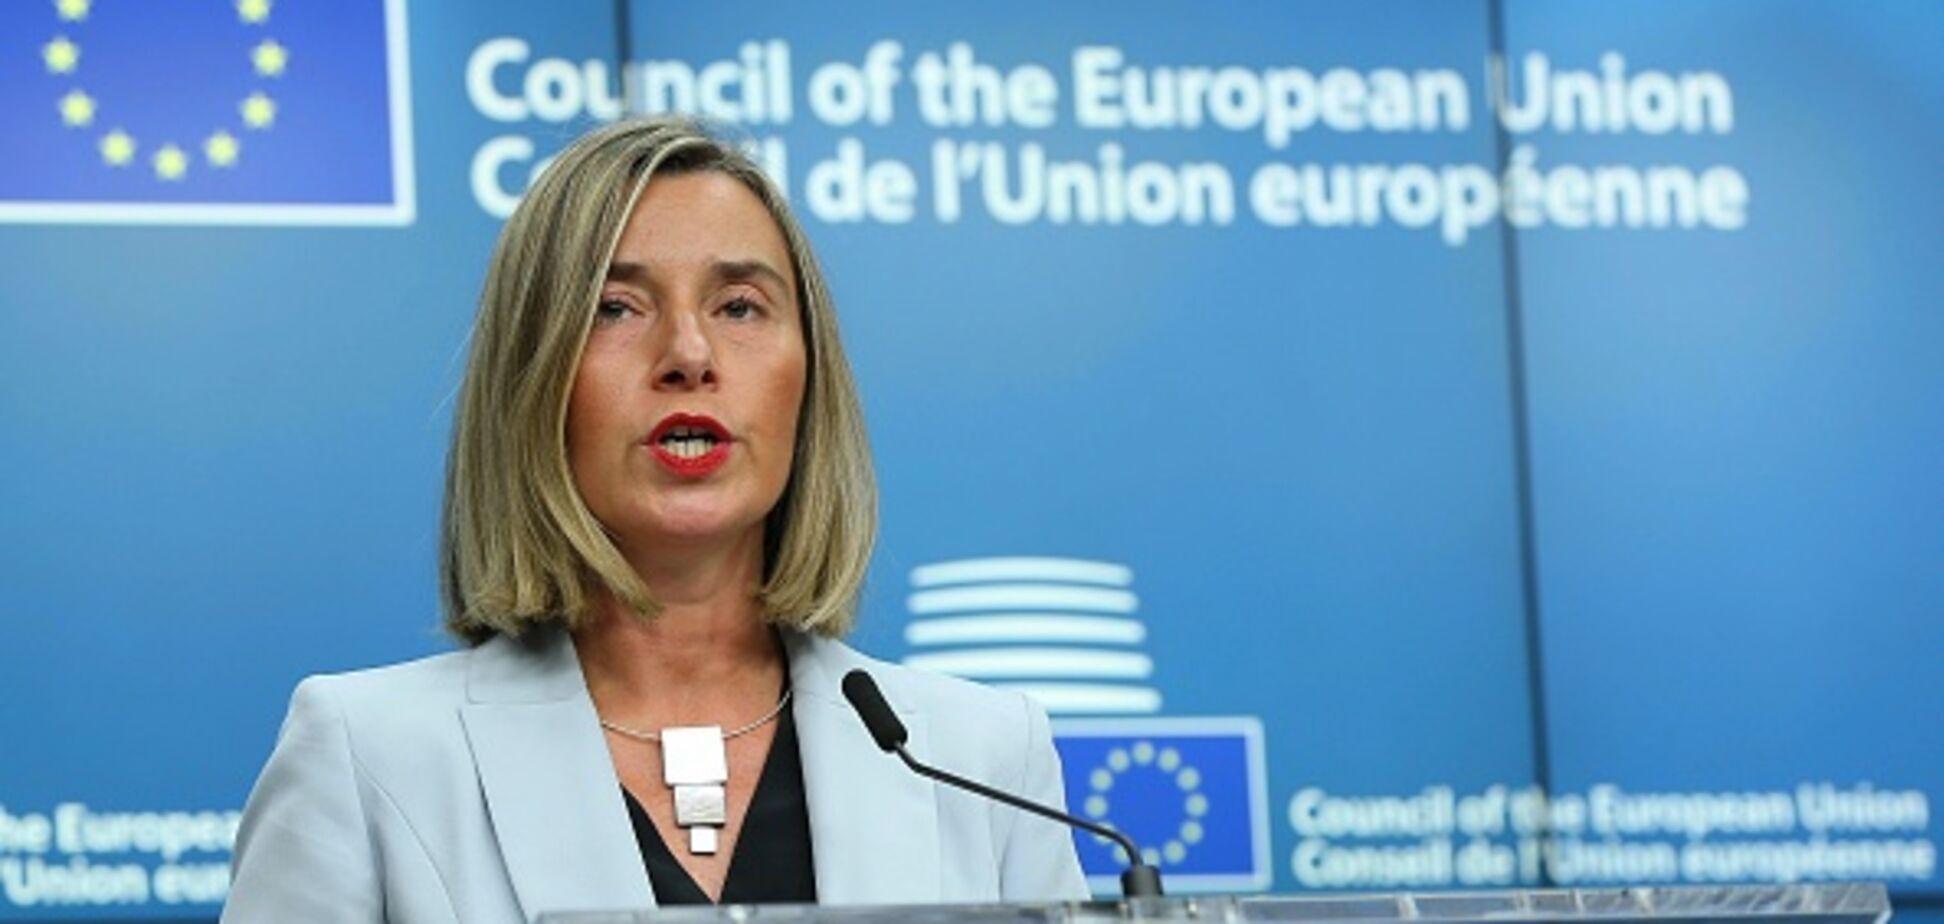 'ЄС не втомився від України': Могеріні похвалила Київ за прогрес у реформах